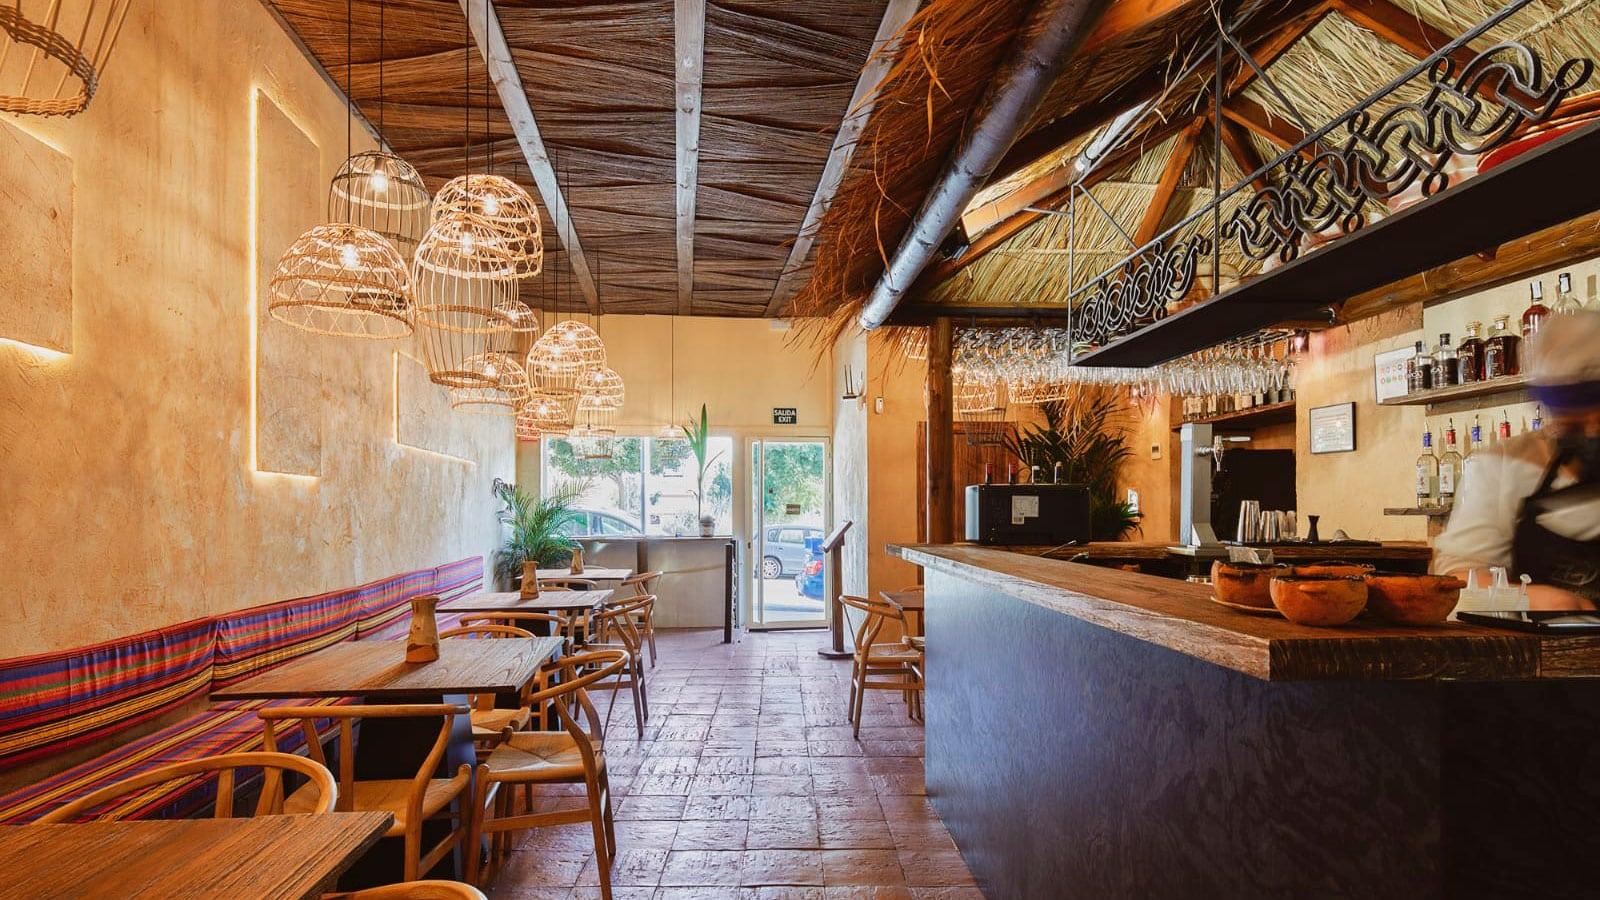 Restaurant Quipu  - Restaurant Quipu 3 53